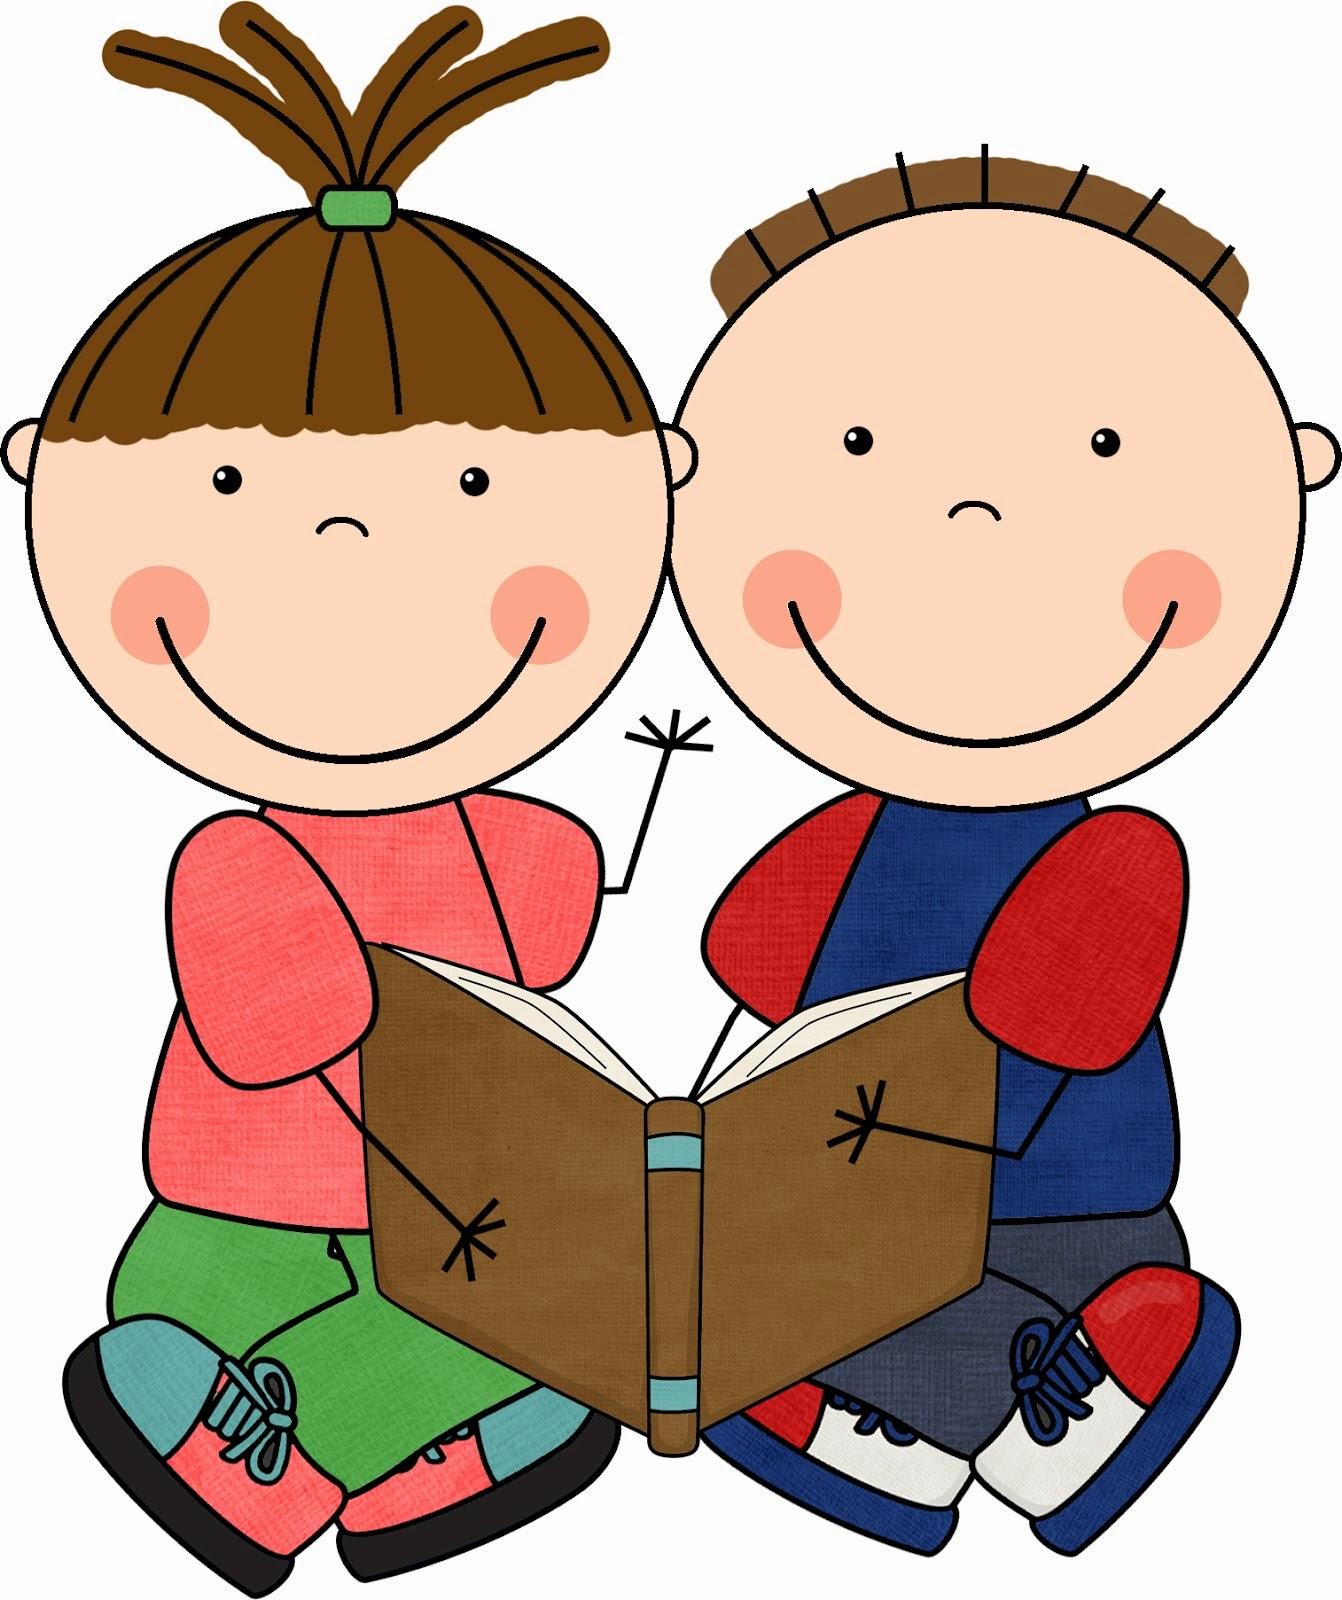 criancas-lendo-livro-leitura-espaco-educar